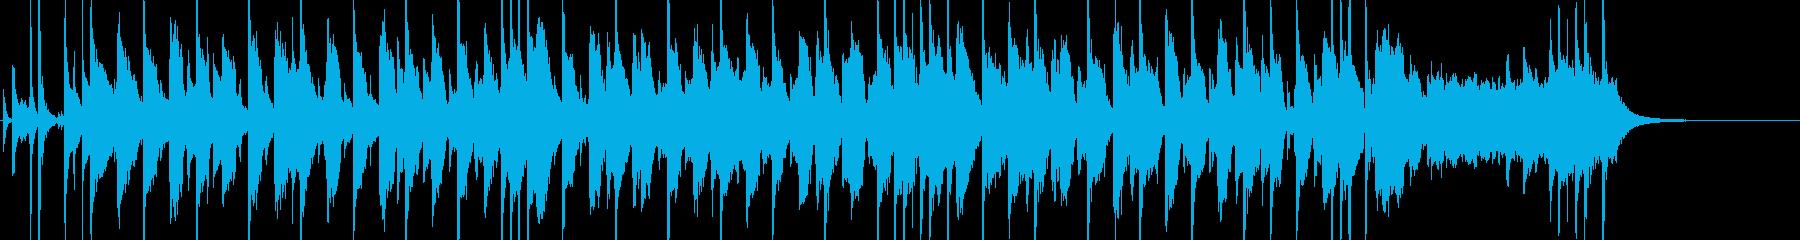 ゴージャス・おしゃれ・ジャズの再生済みの波形